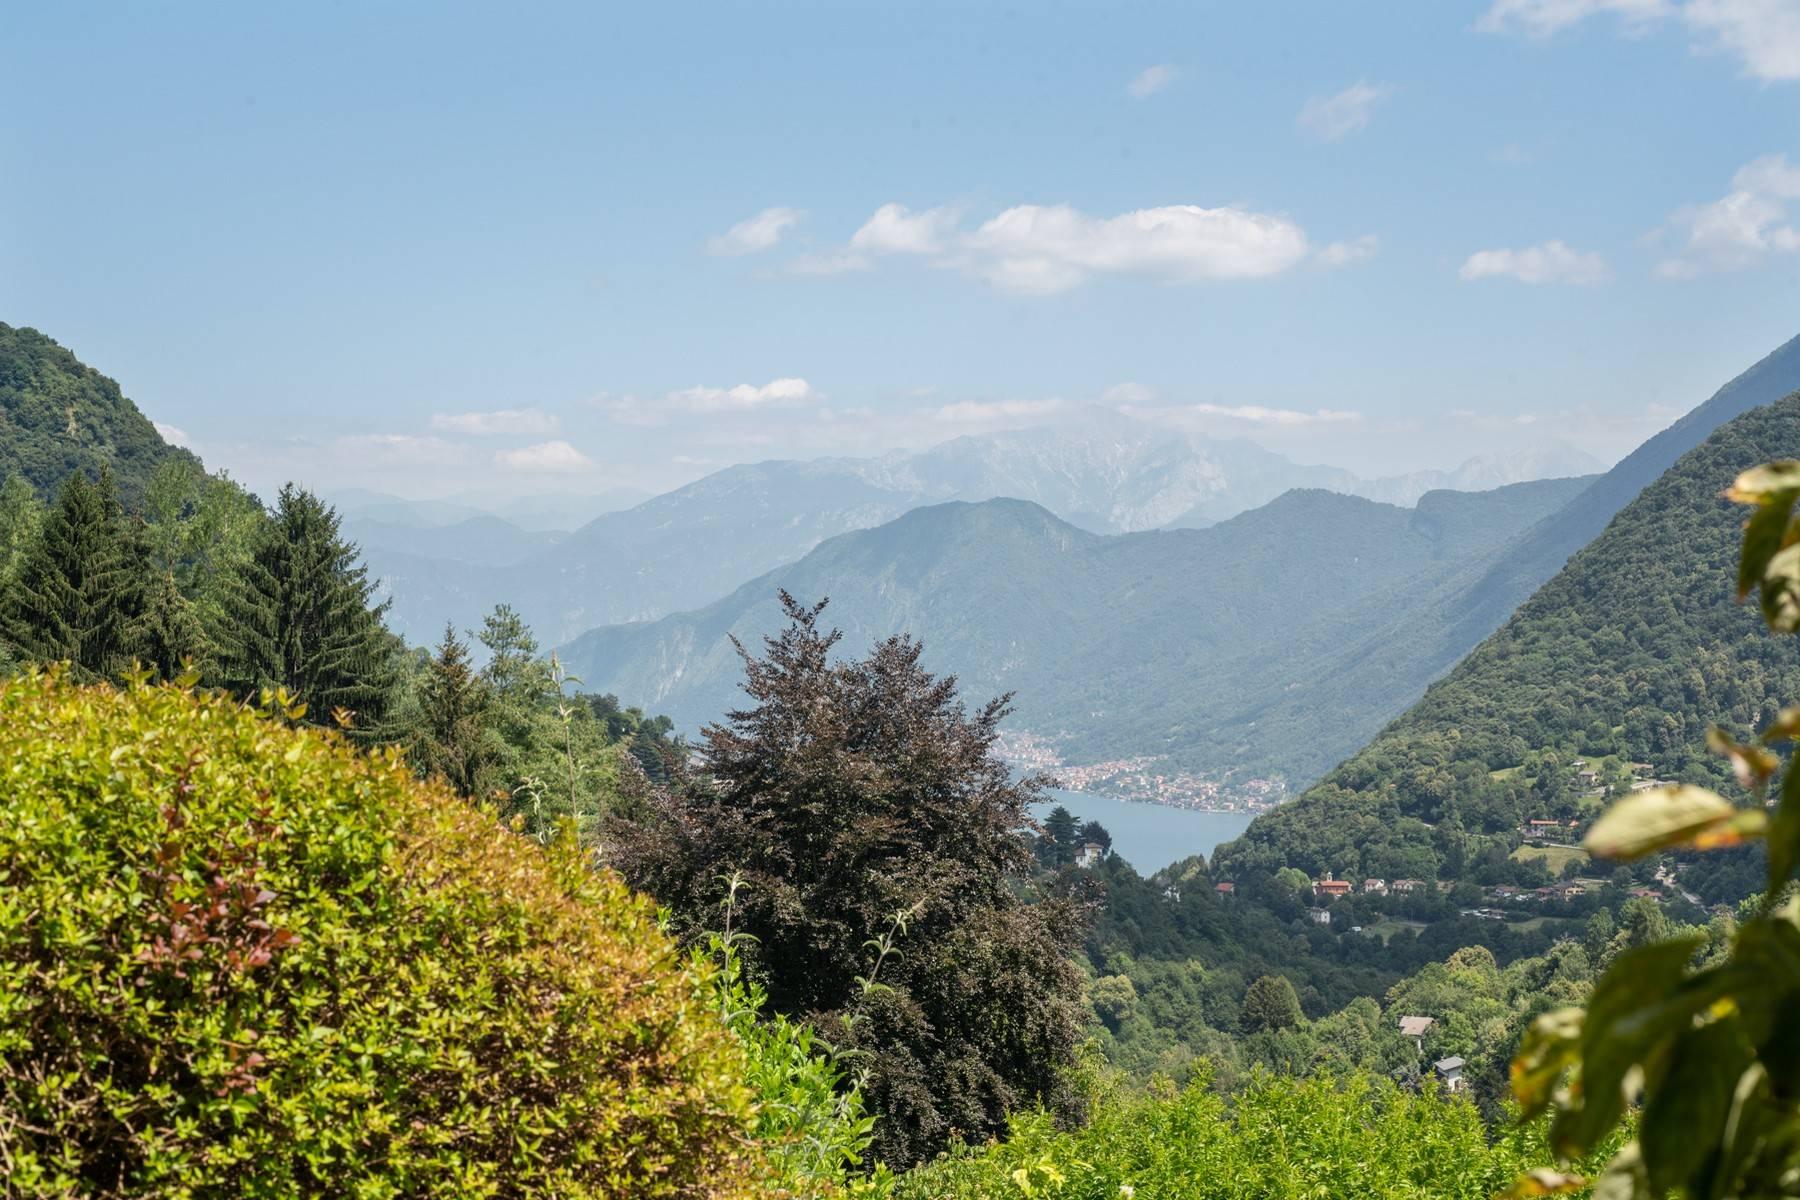 Villa in Vendita a Cerano D'Intelvi: 5 locali, 400 mq - Foto 3